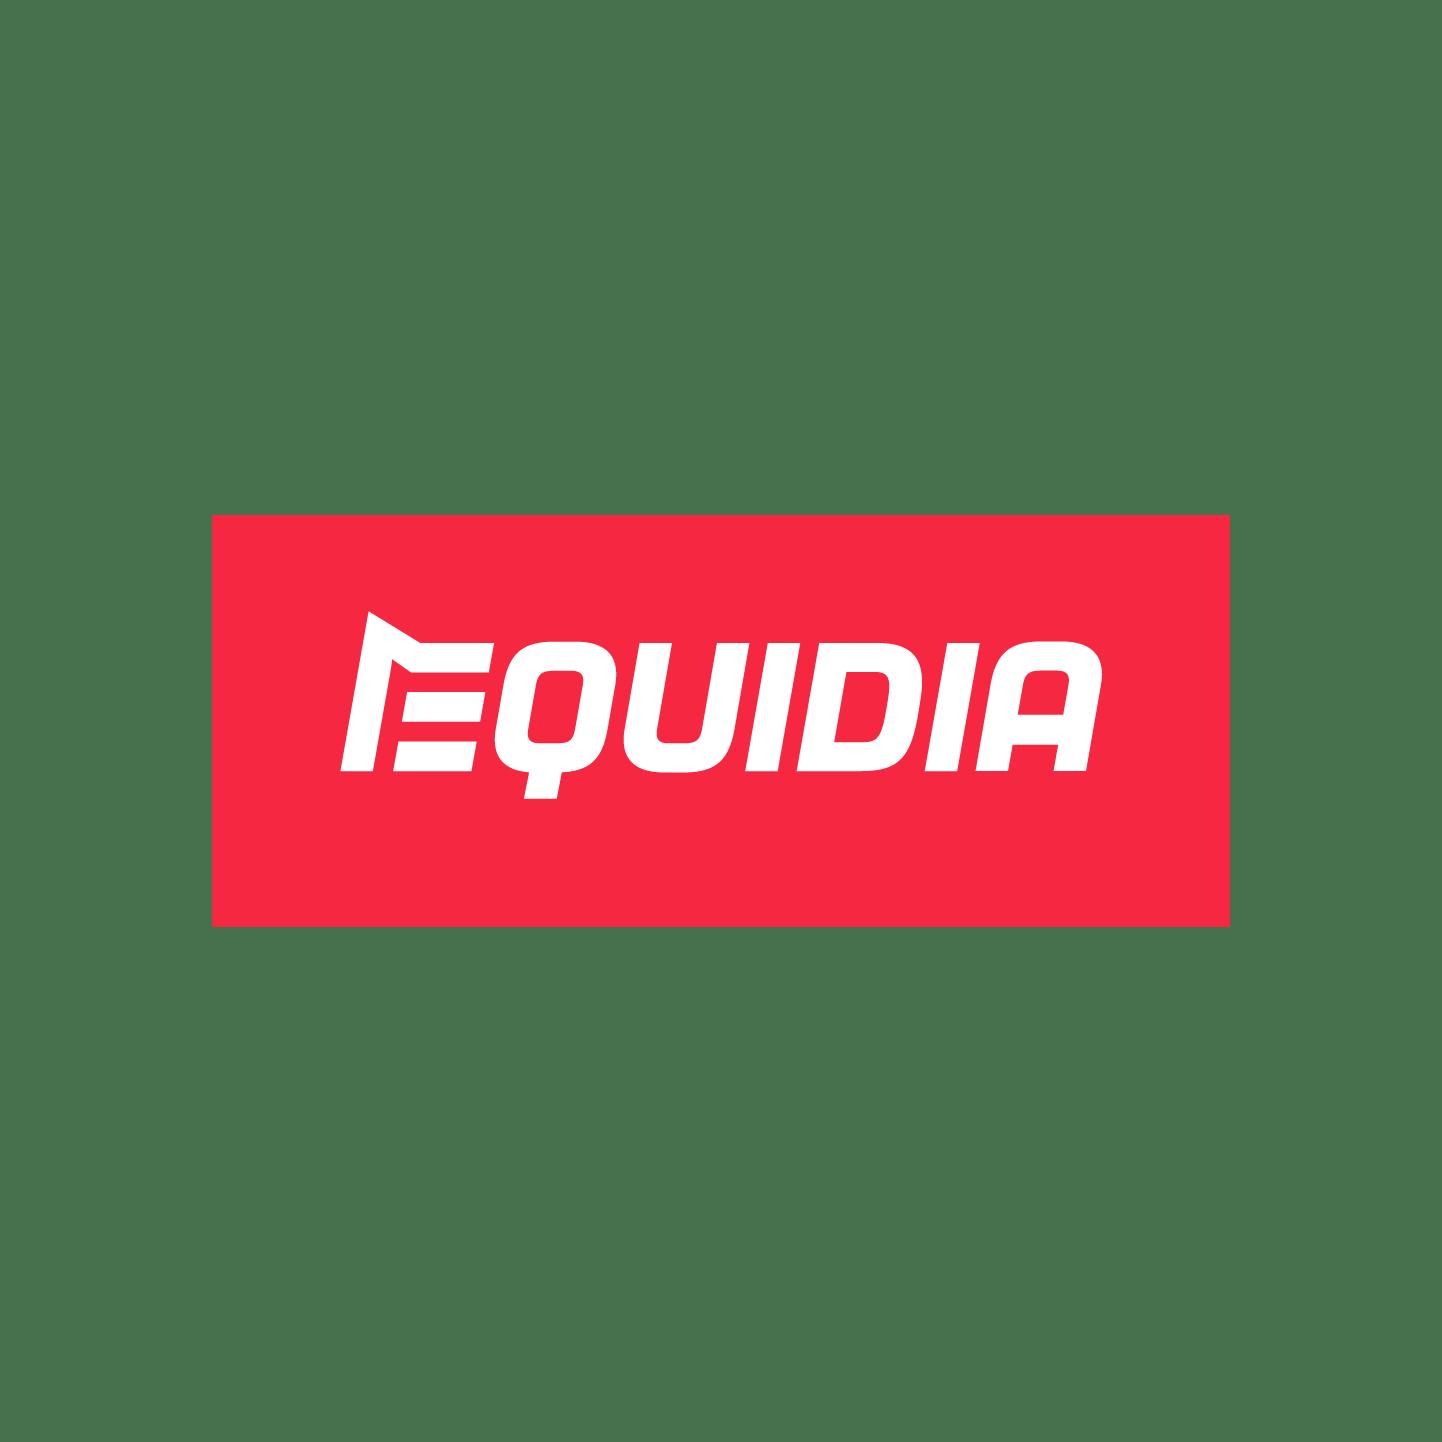 Logo Equidia